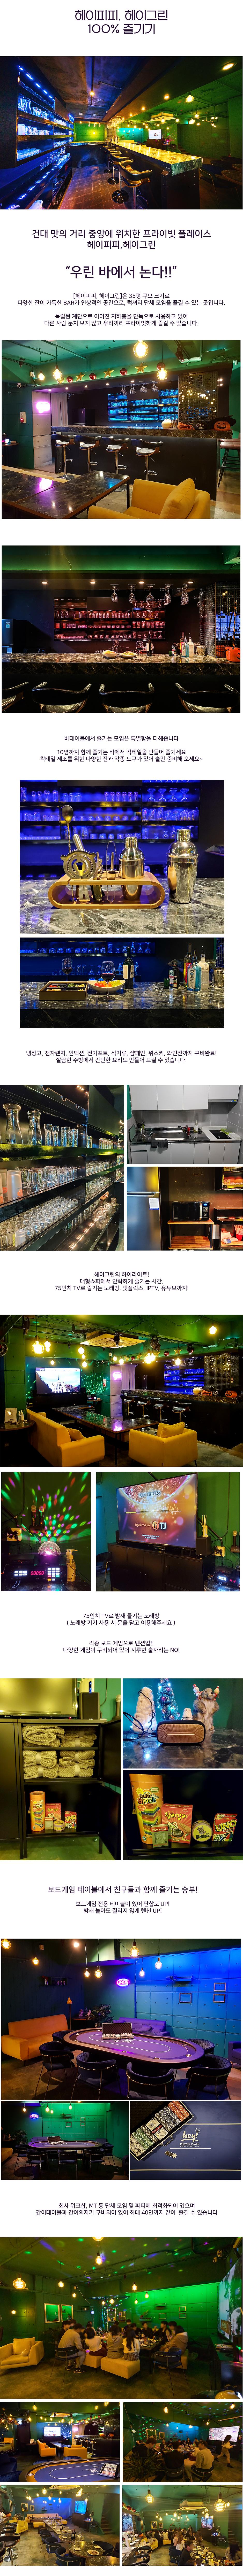 그린바 공간소개_20210127.png